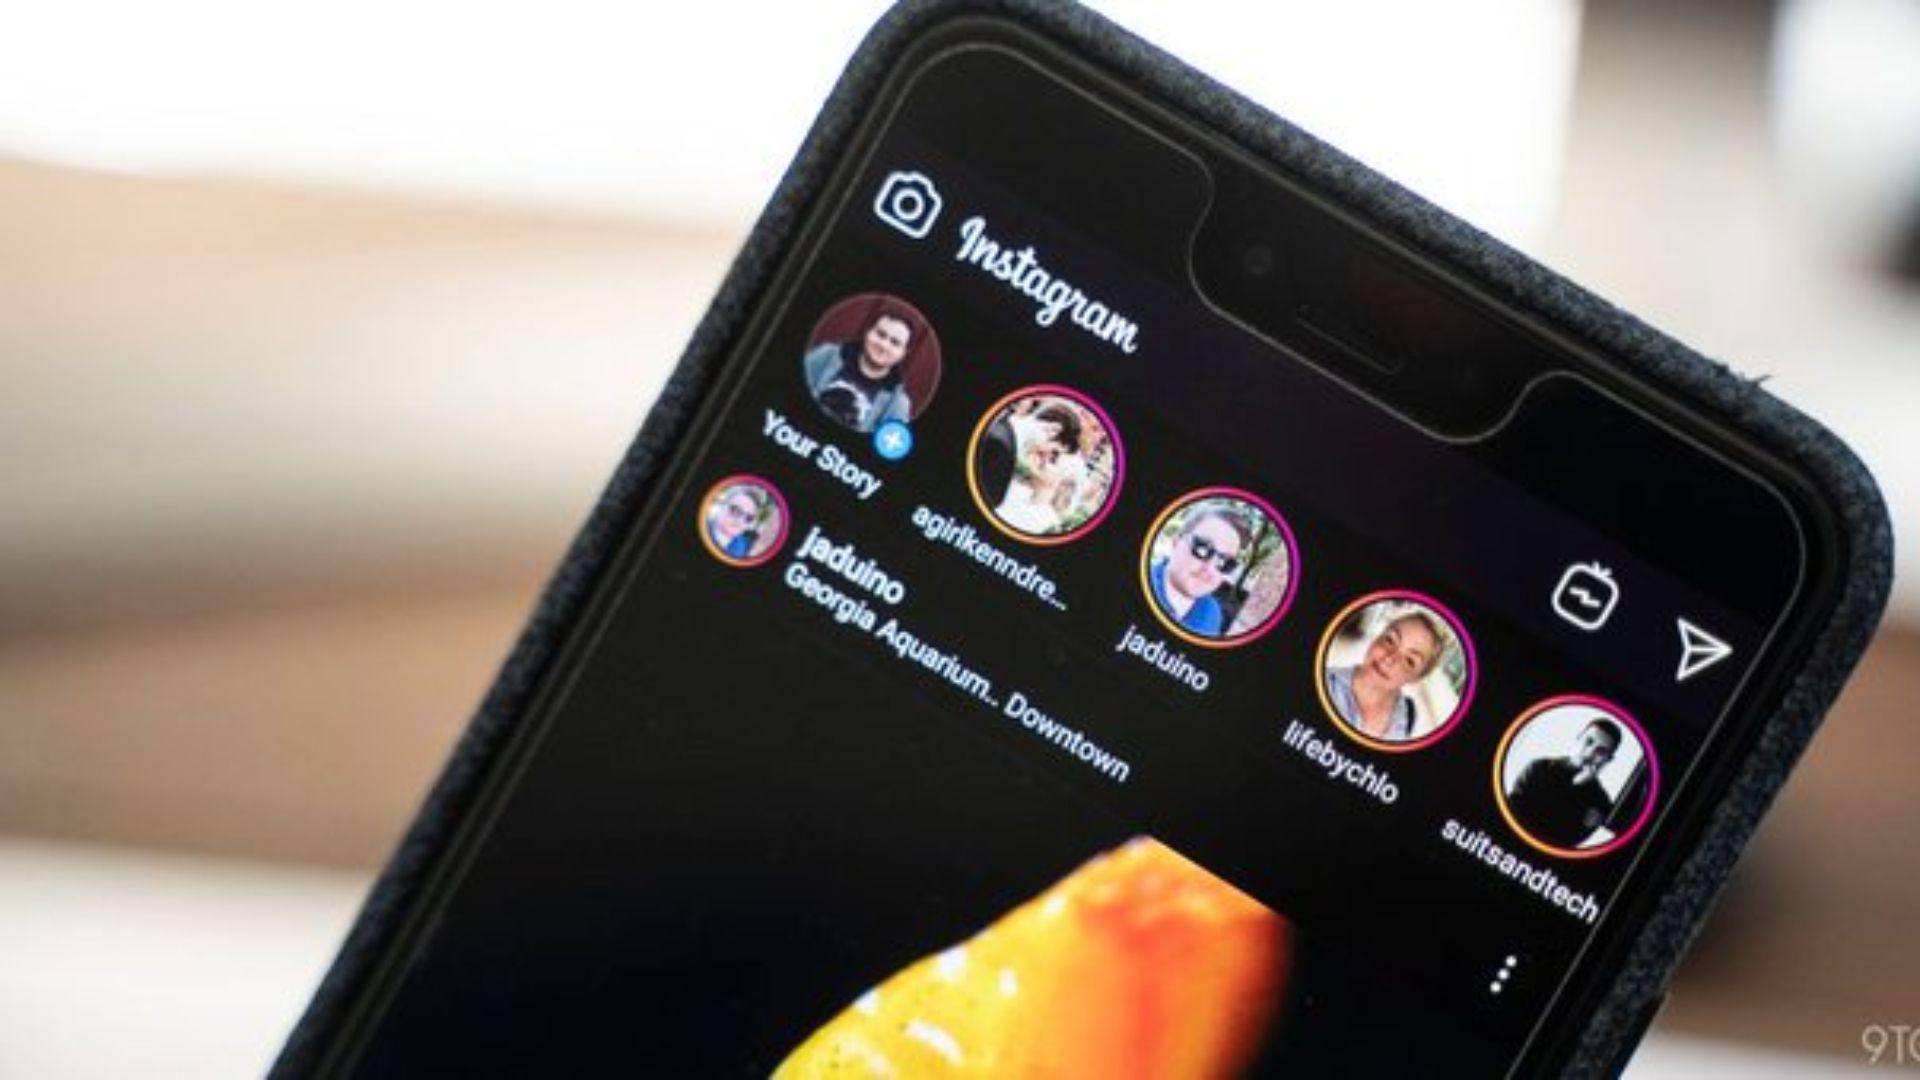 El modo oscuro ya está disponible en varias aplicaciones, como Instagram.